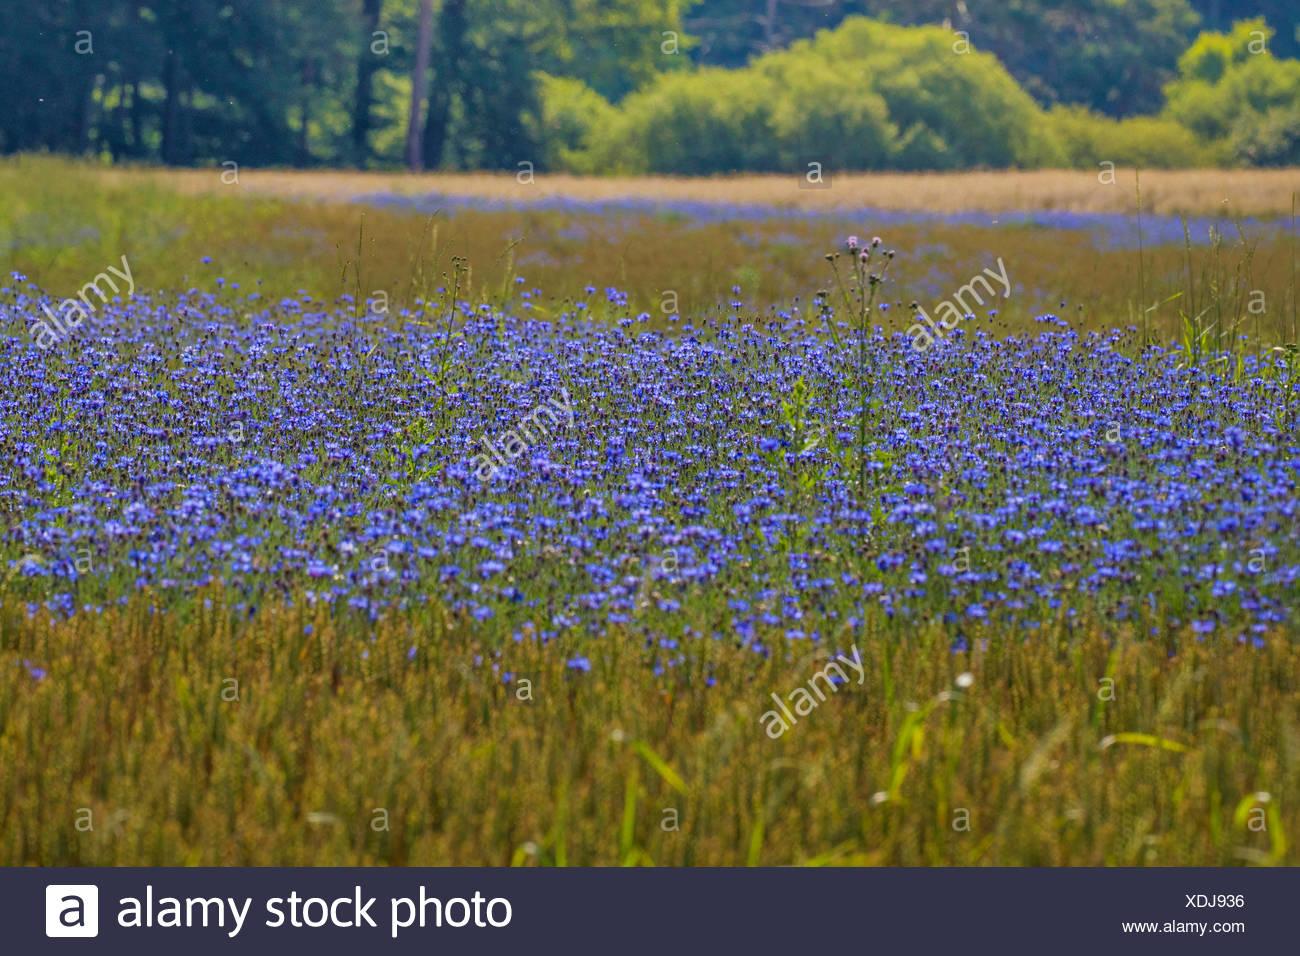 Kornblume (Centaurea cyanus), dichter bluehender Bestand in Weizenfeld, Deutschland, Bayern   bachelor's button, bluebottle, cor - Stock Image